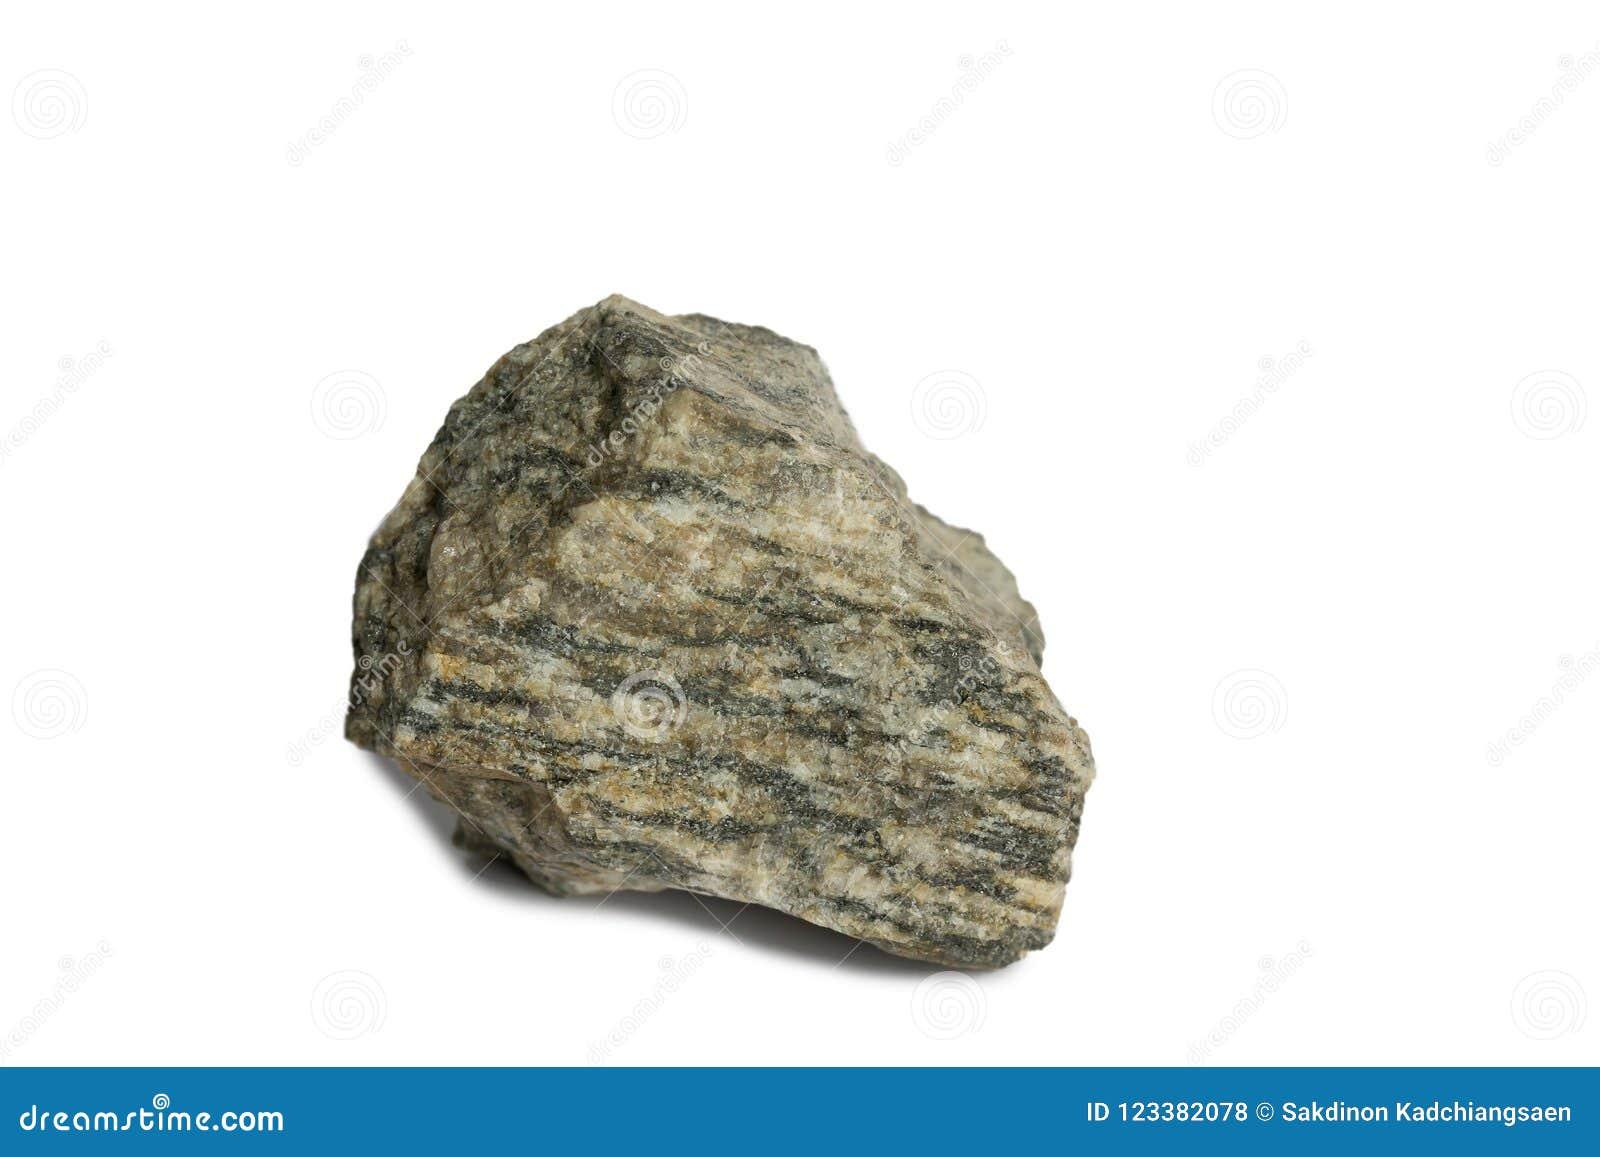 Gneiss Rock